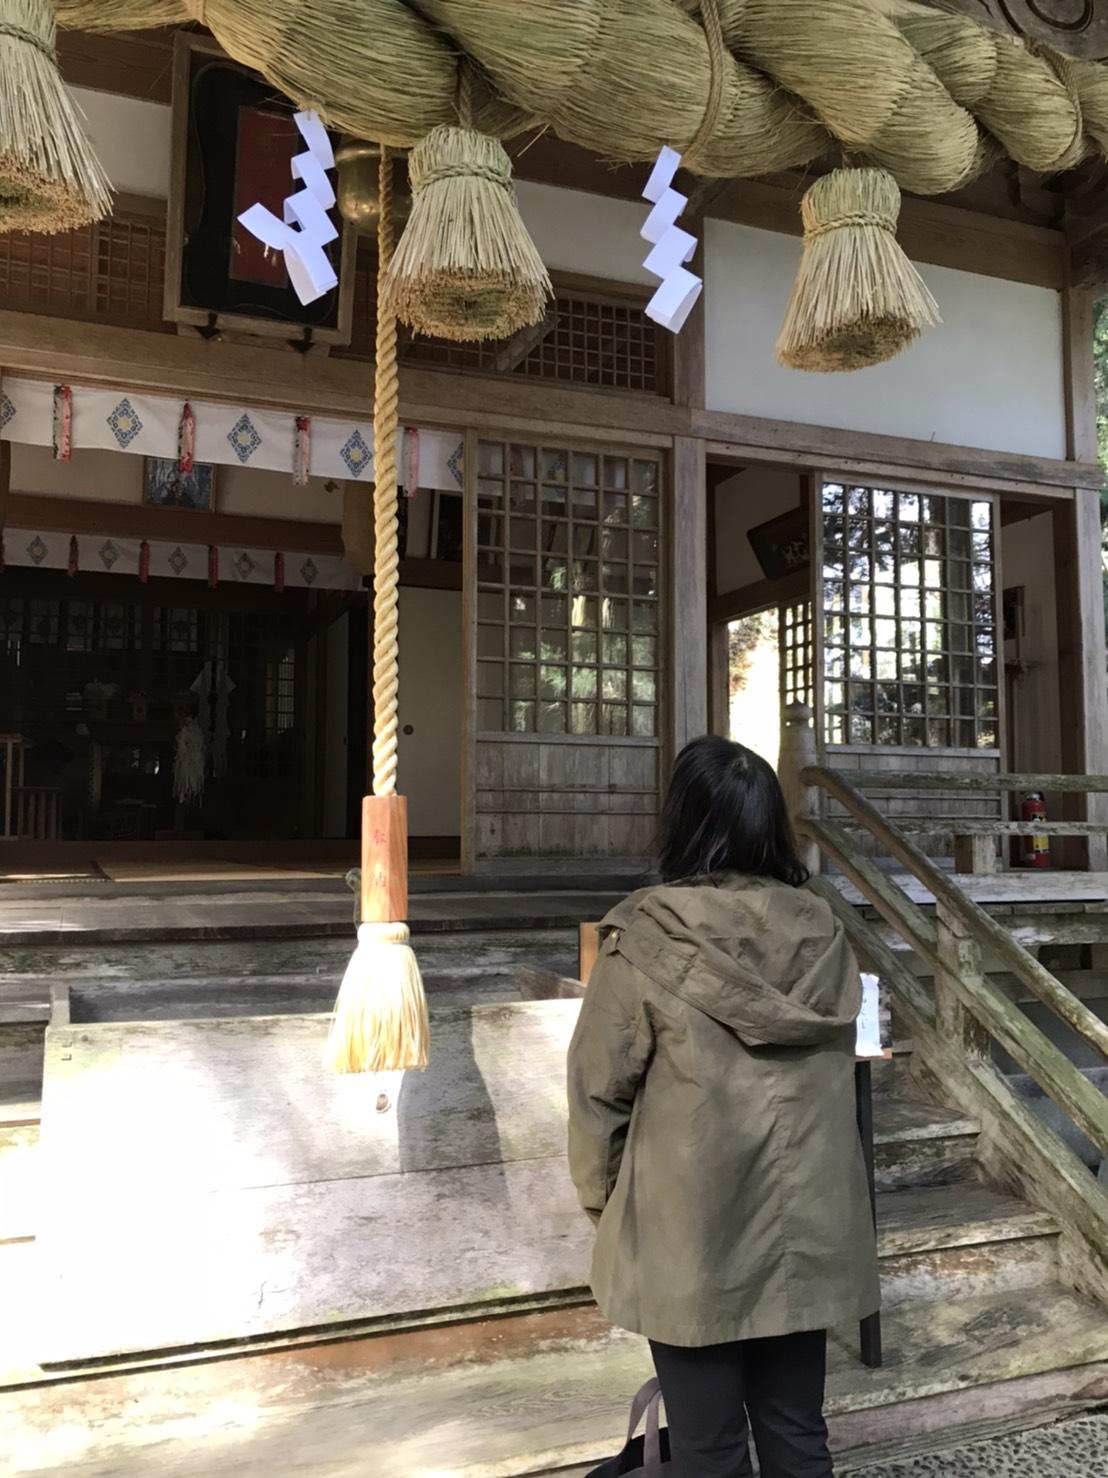 守護神イザナミノミコトが祀られている熊野神社に参拝する妻